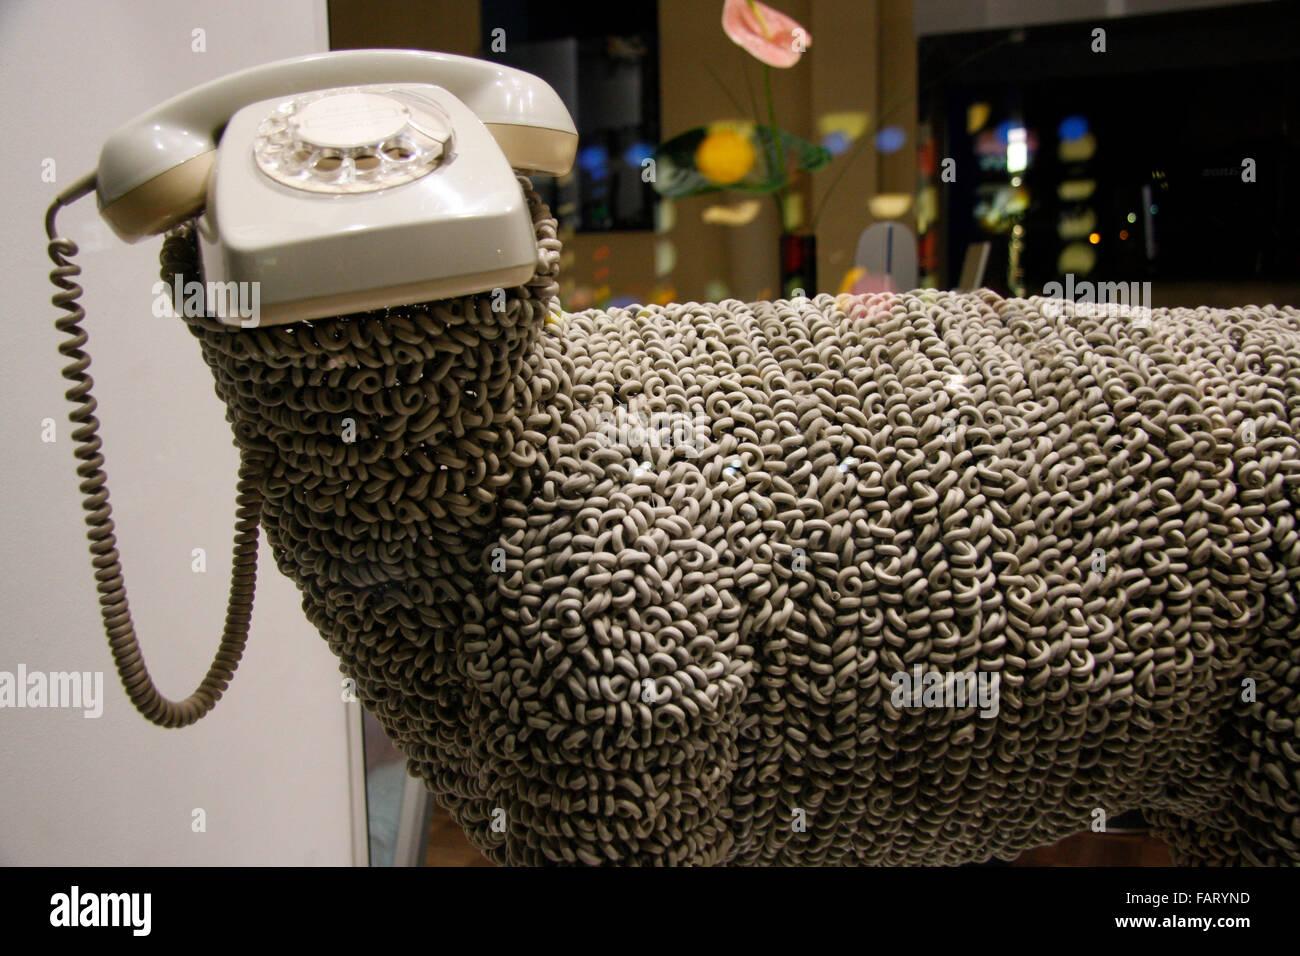 Schaf telefon schaufensterdekoration berlin mitte stock for Schaufensterdekoration